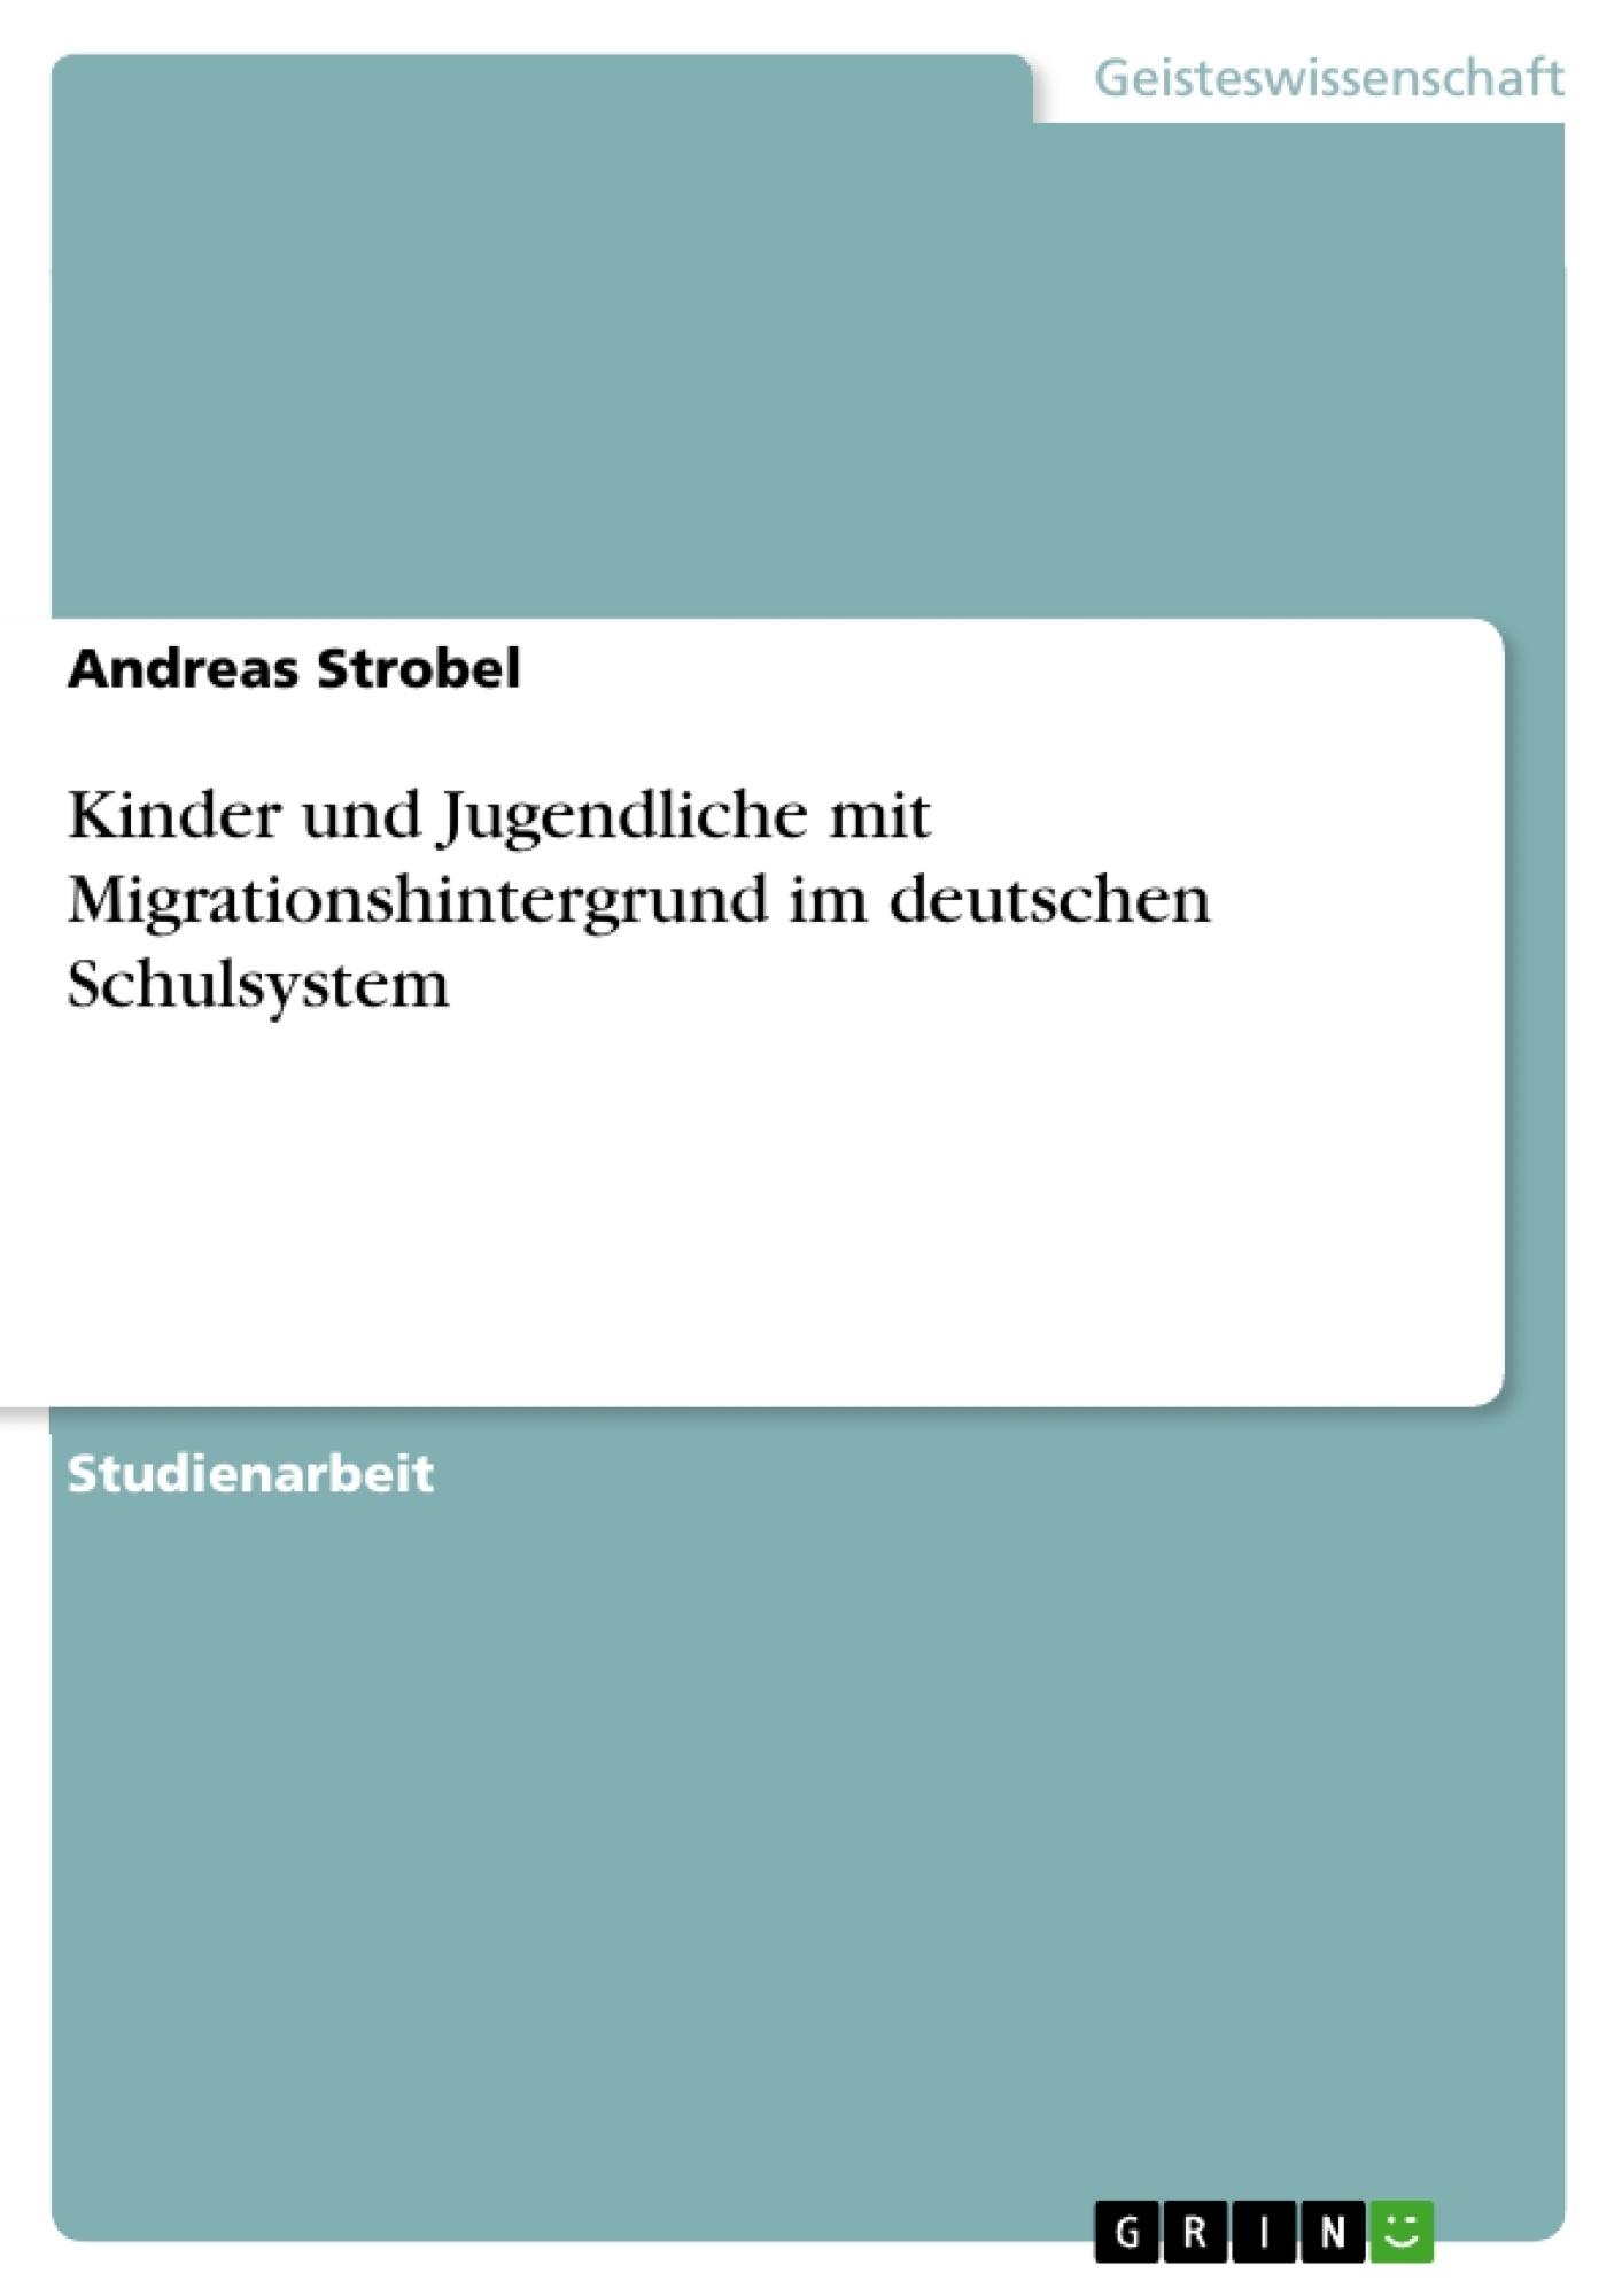 Titel: Kinder und Jugendliche mit Migrationshintergrund im deutschen Schulsystem